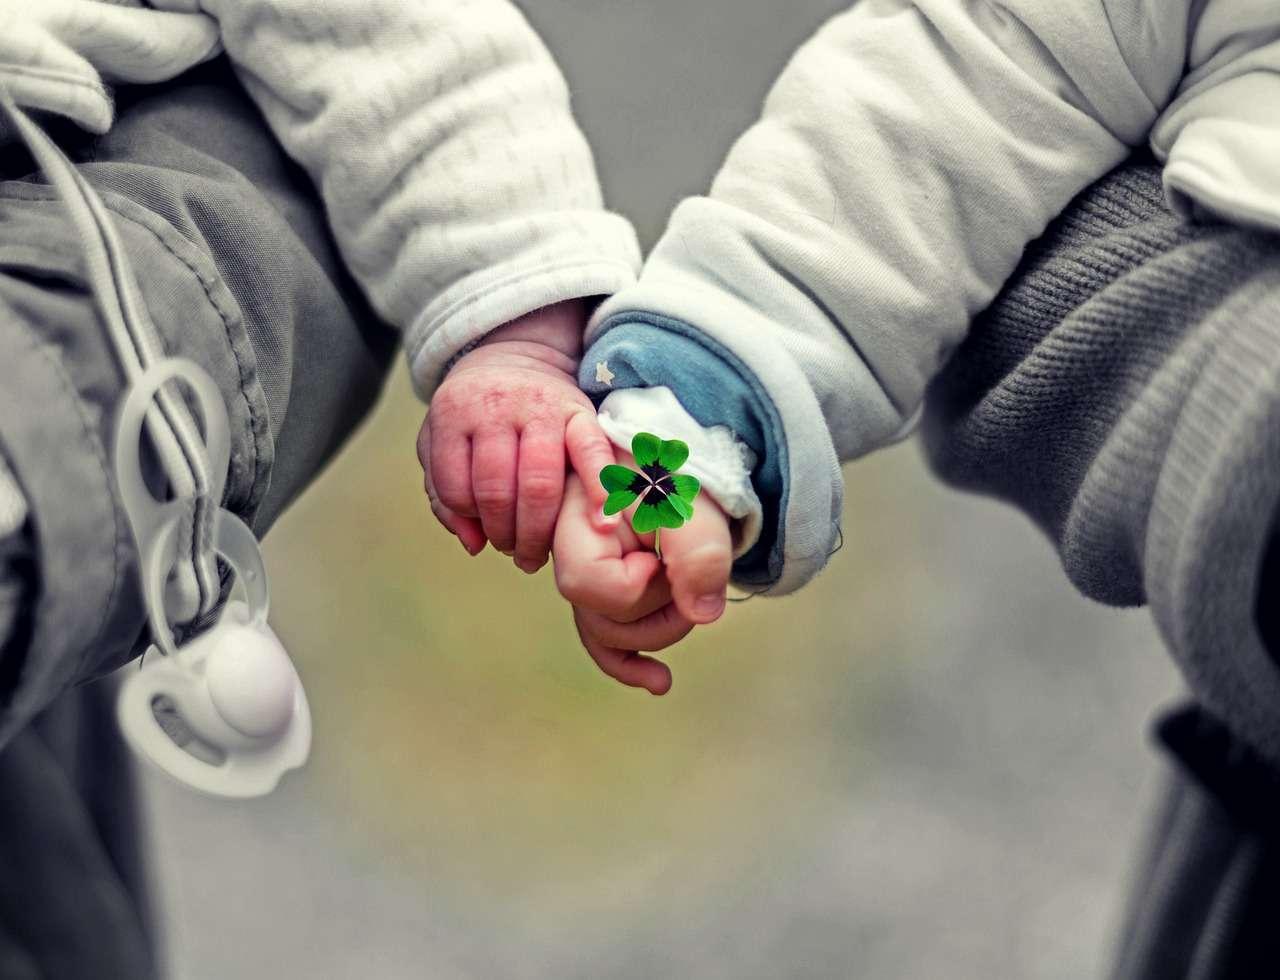 szeretetnyelvek, szülői szeretet, 5 szeretetnyelv